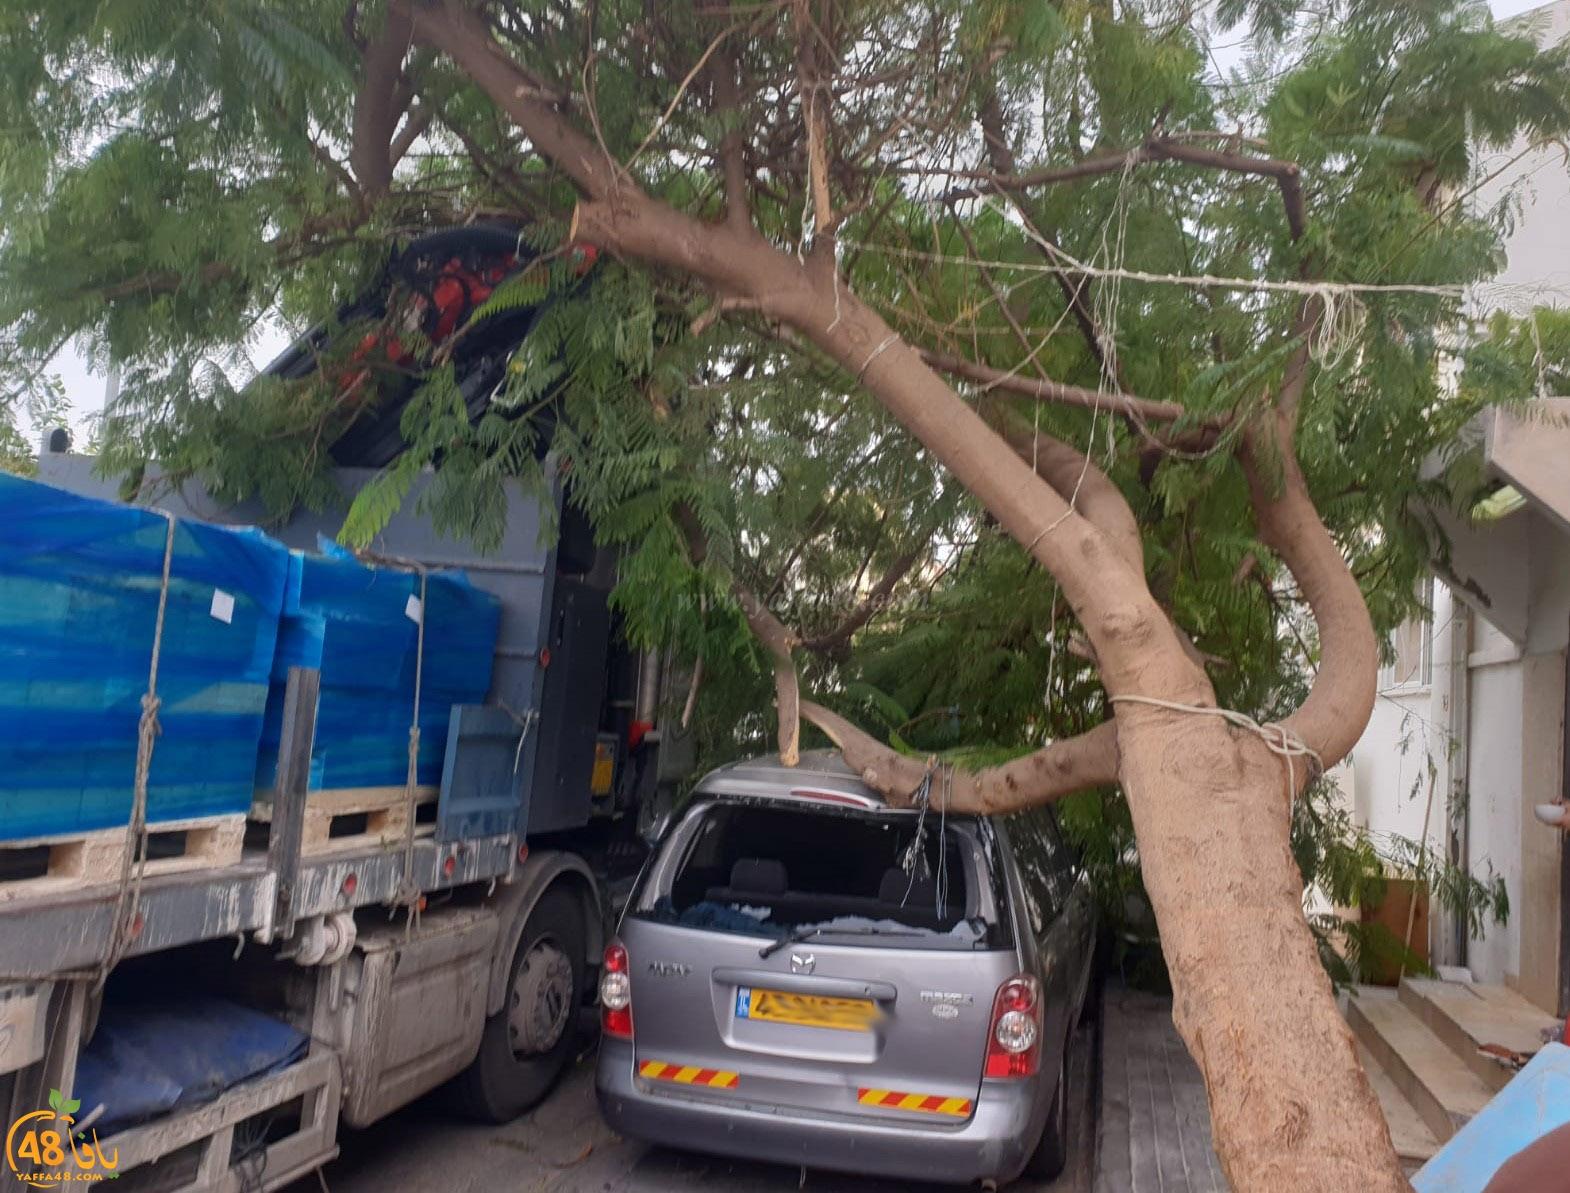 فيديو: لطف الله حال دون وقوع الكارثة اثر اصطدام شاحنة بشجرة ضخمة في يافا